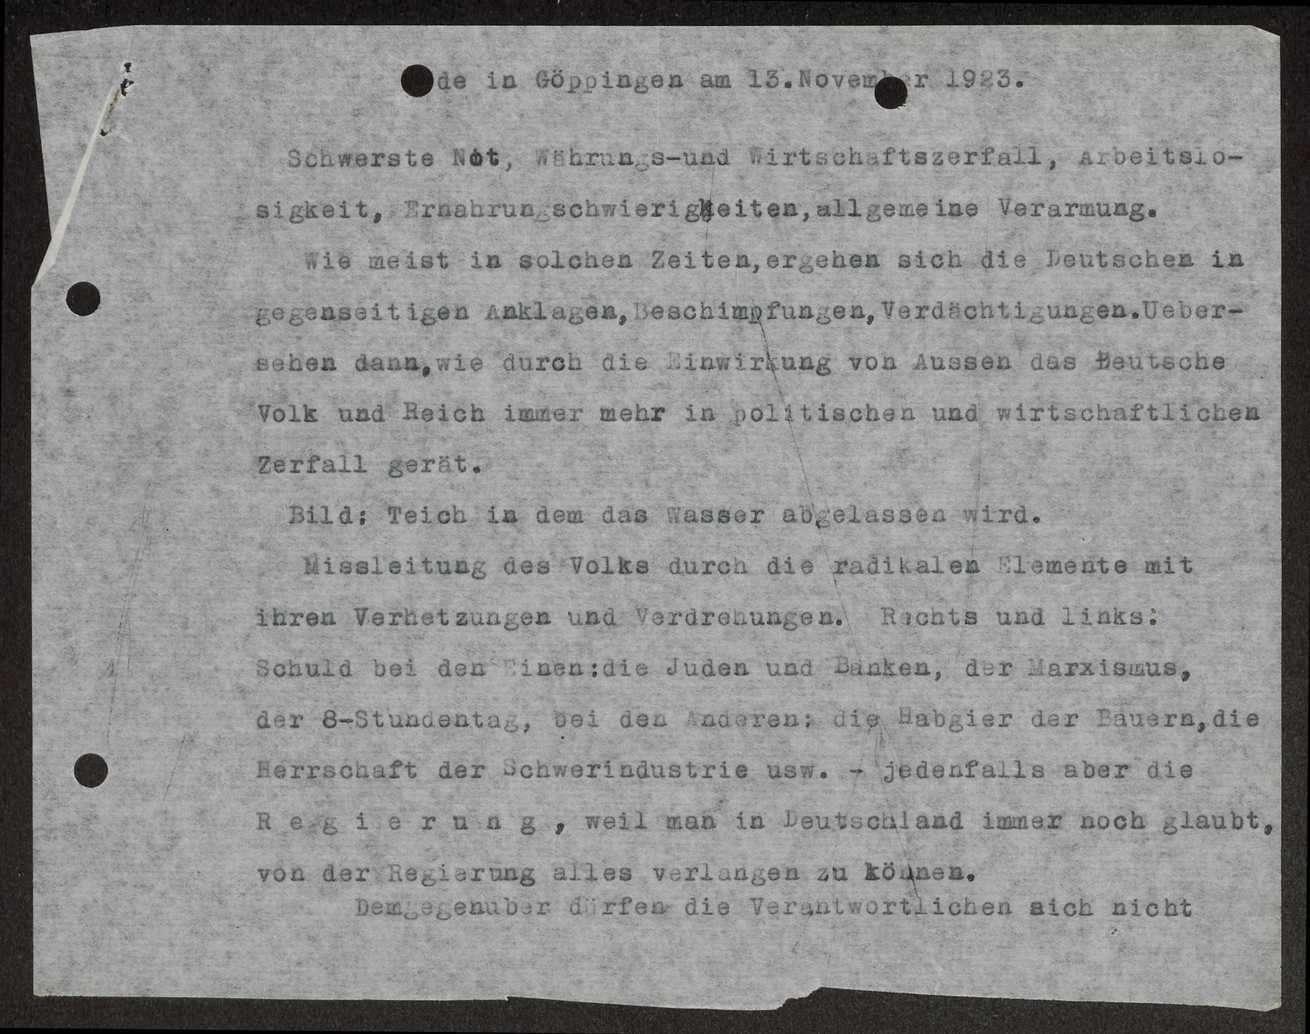 Rede Schalls in Göppingen über die deutsche Innenpolitik (Hitlerputsch), Bild 1